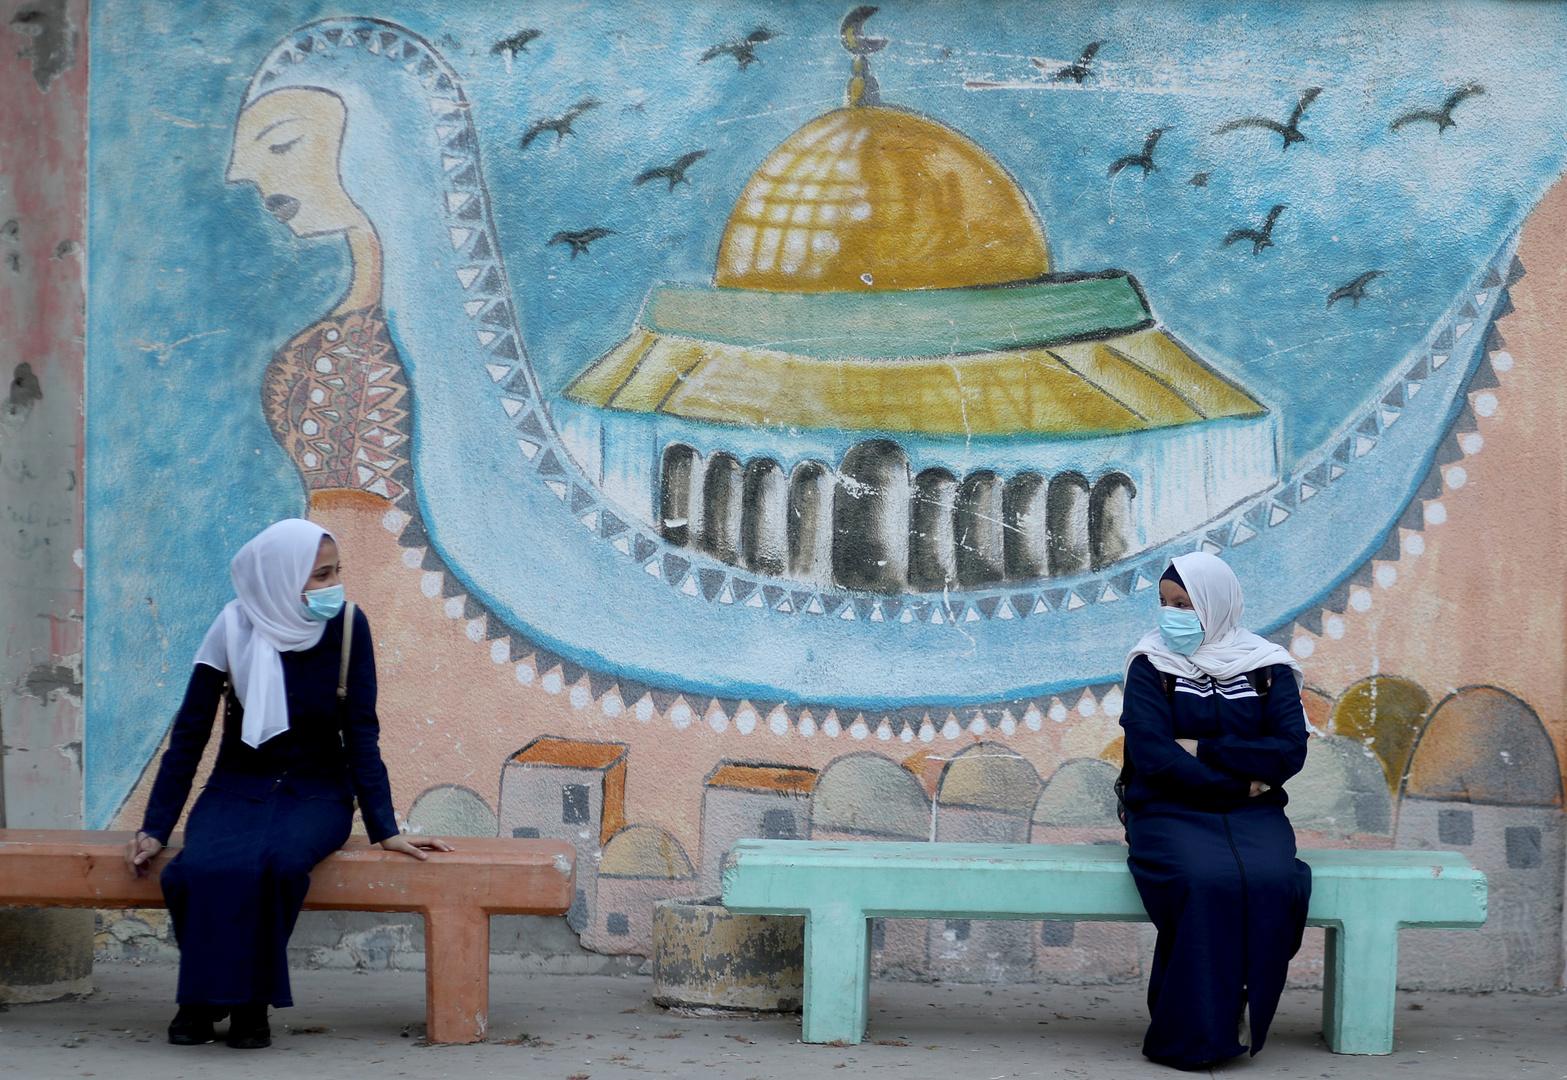 الخارجية الفلسطينية: واجبات إسرائيل كقوة احتلال توفير لقاحات كورونا للشعب الفلسطيني